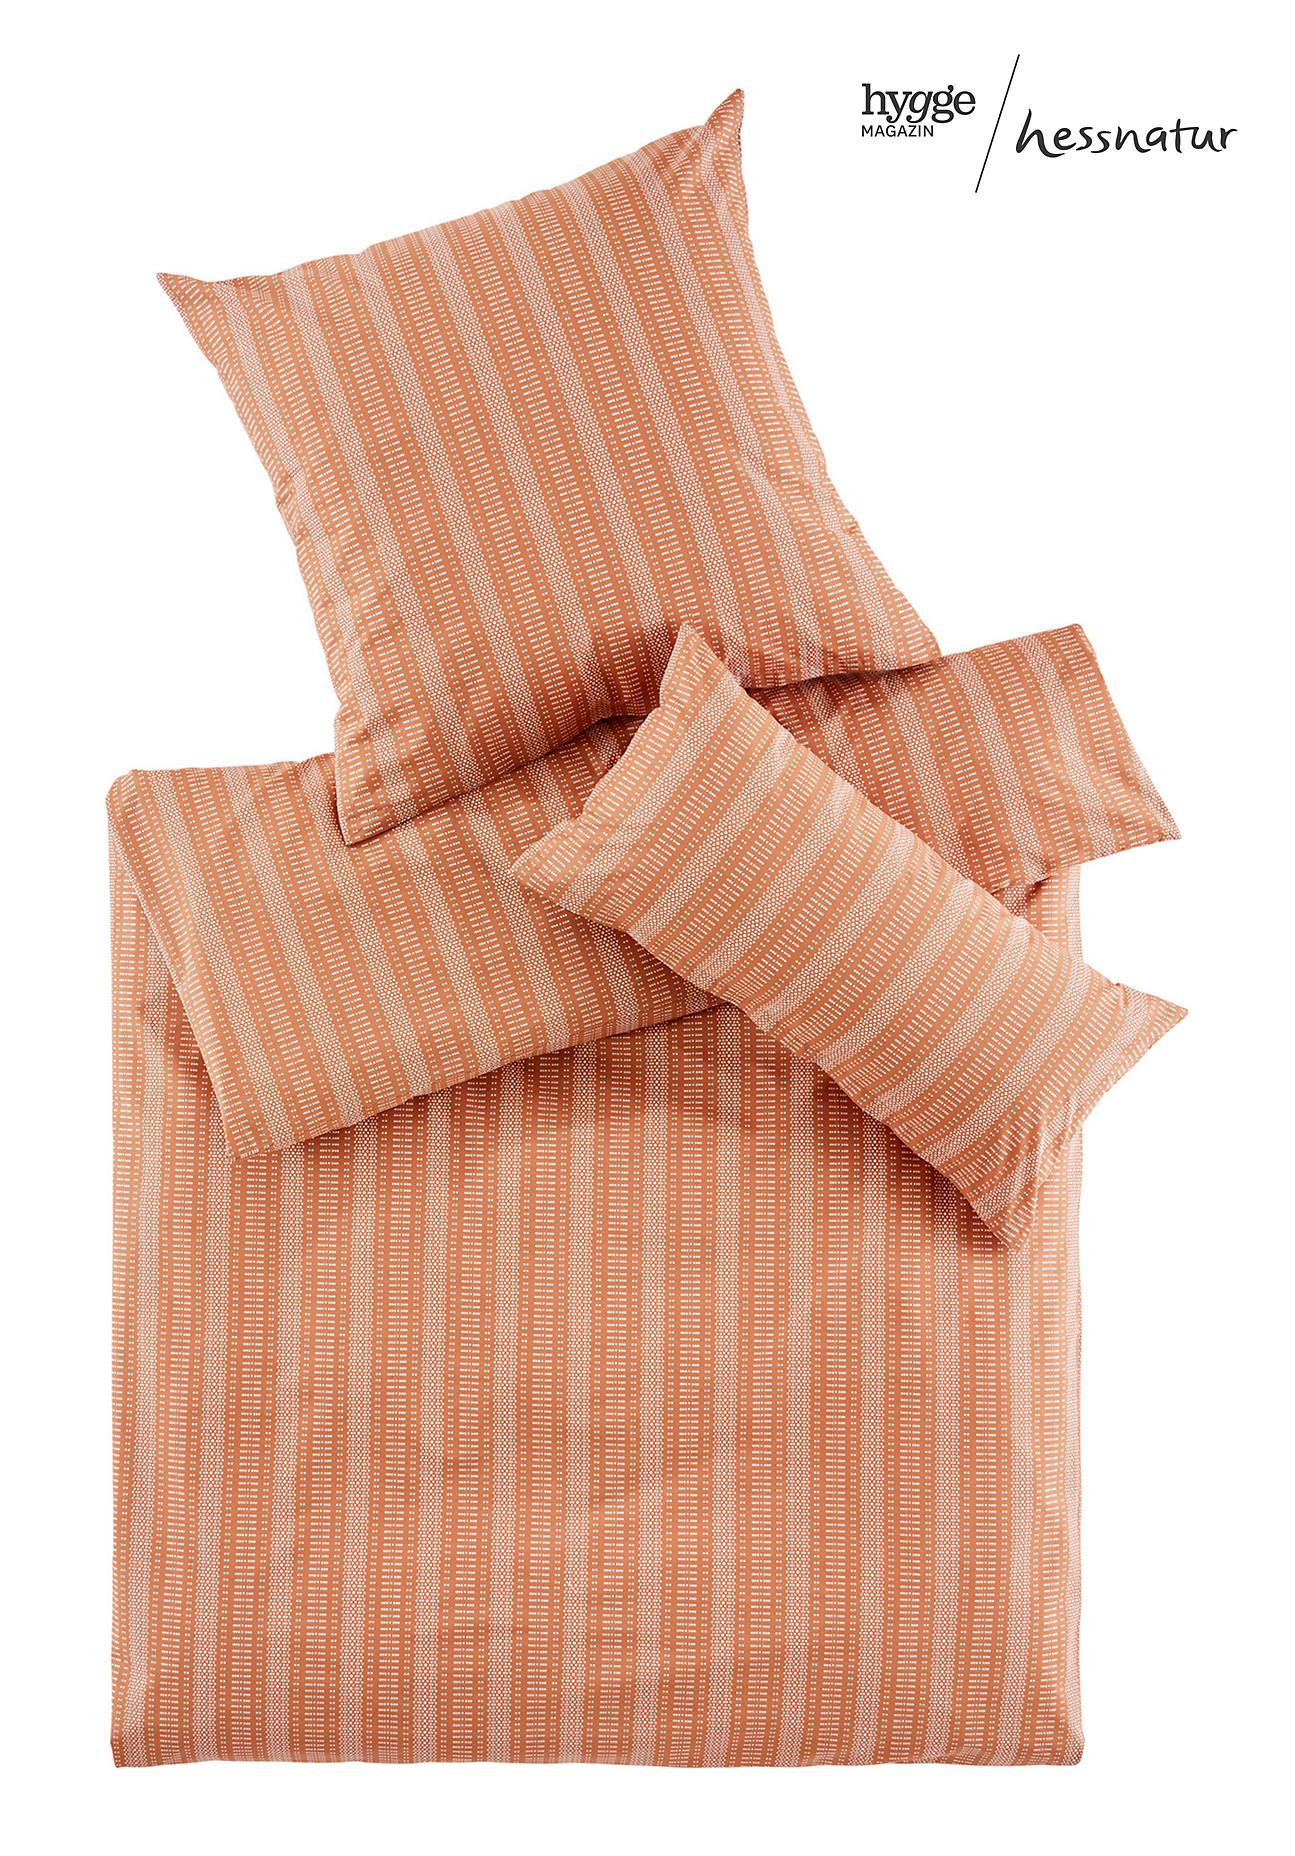 hessnatur Perkal-Bettwäsche Triana aus Bio-Baumwolle – braun – Größe 135x200+40x80 cm